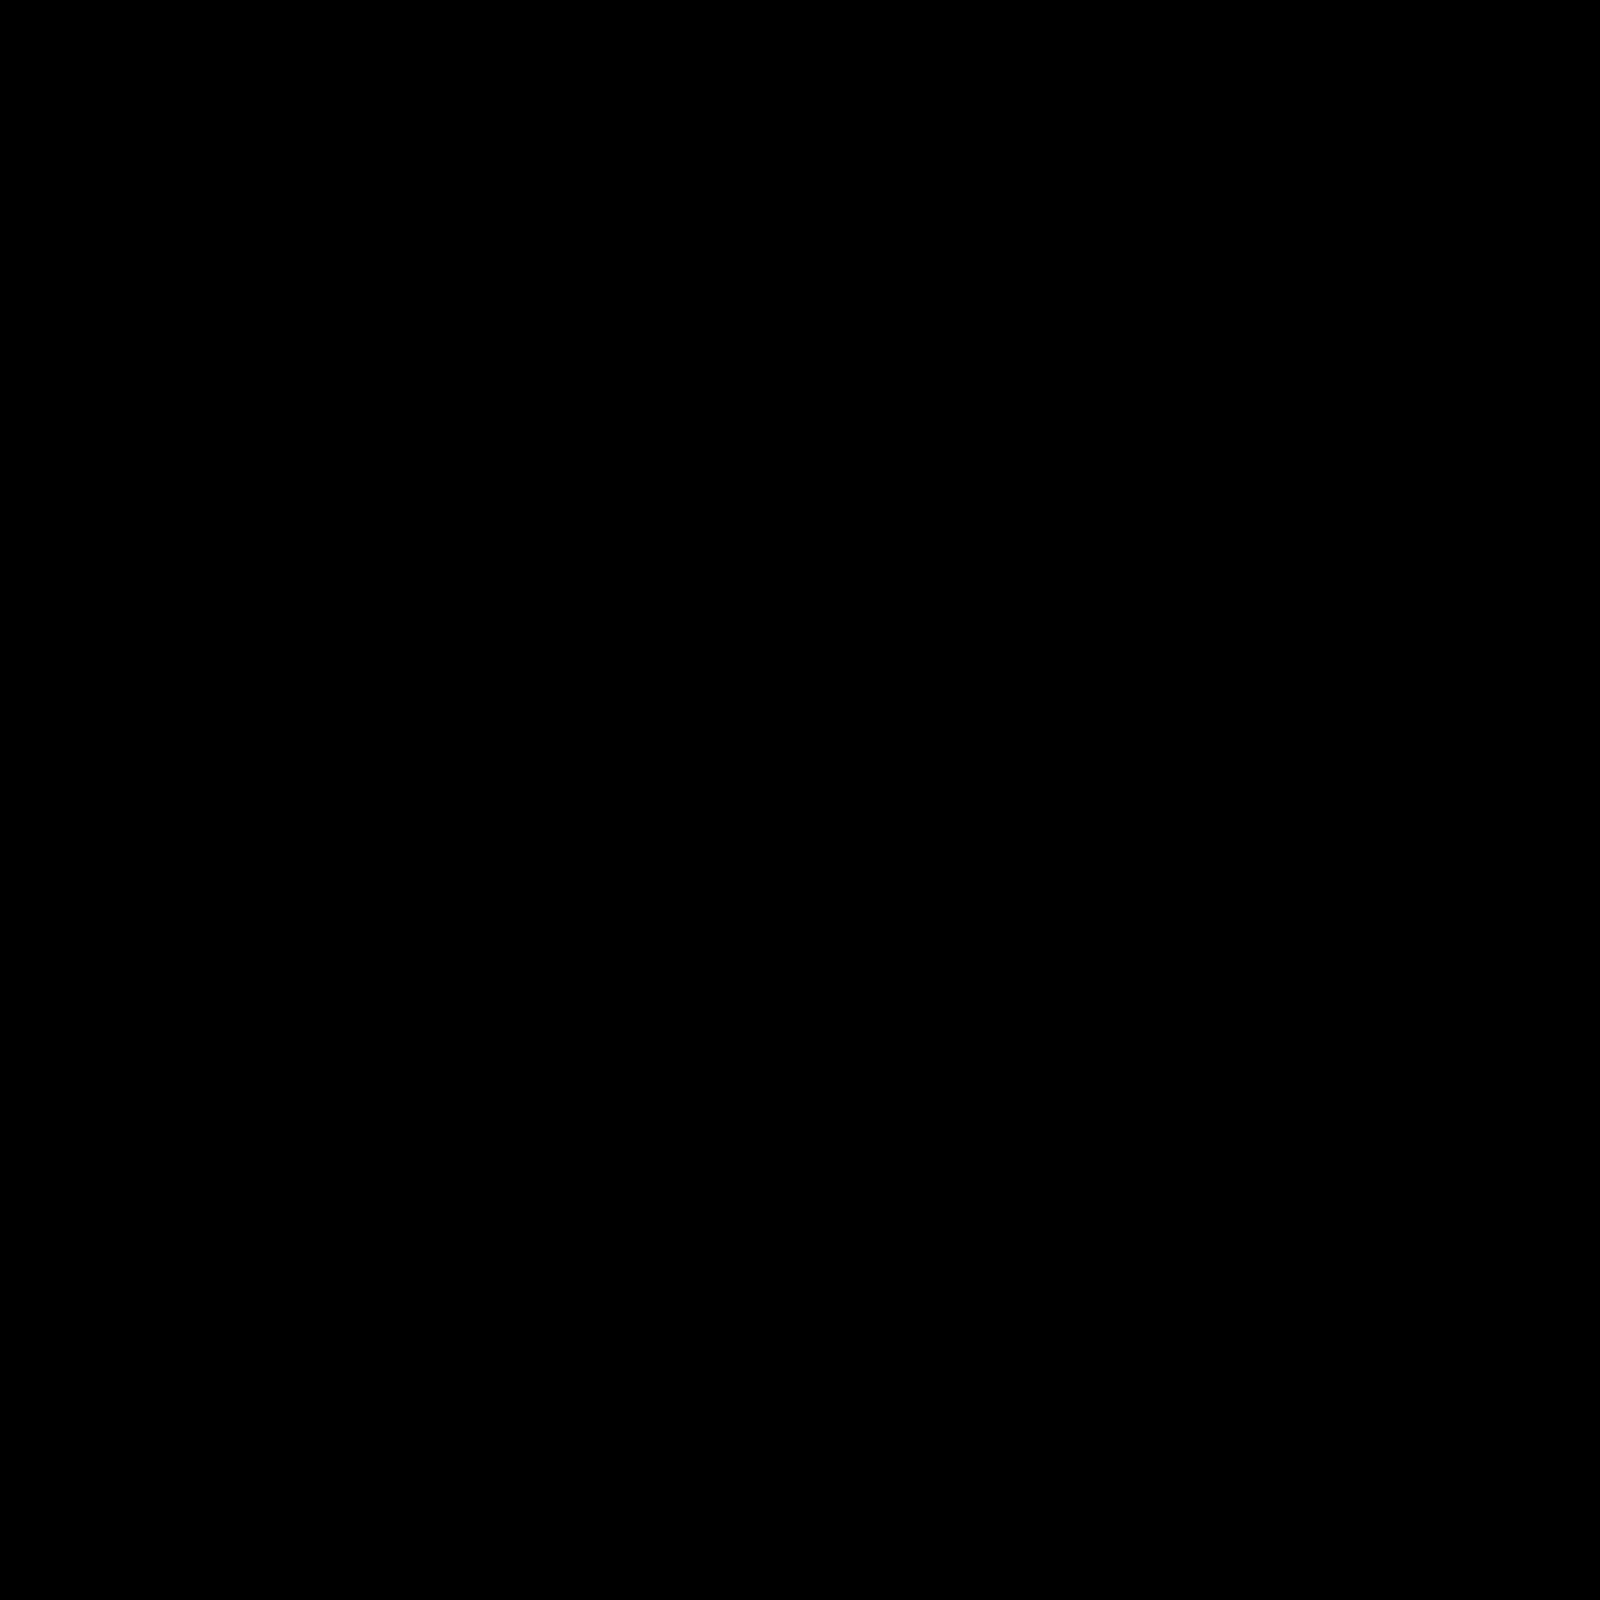 Goryl icon